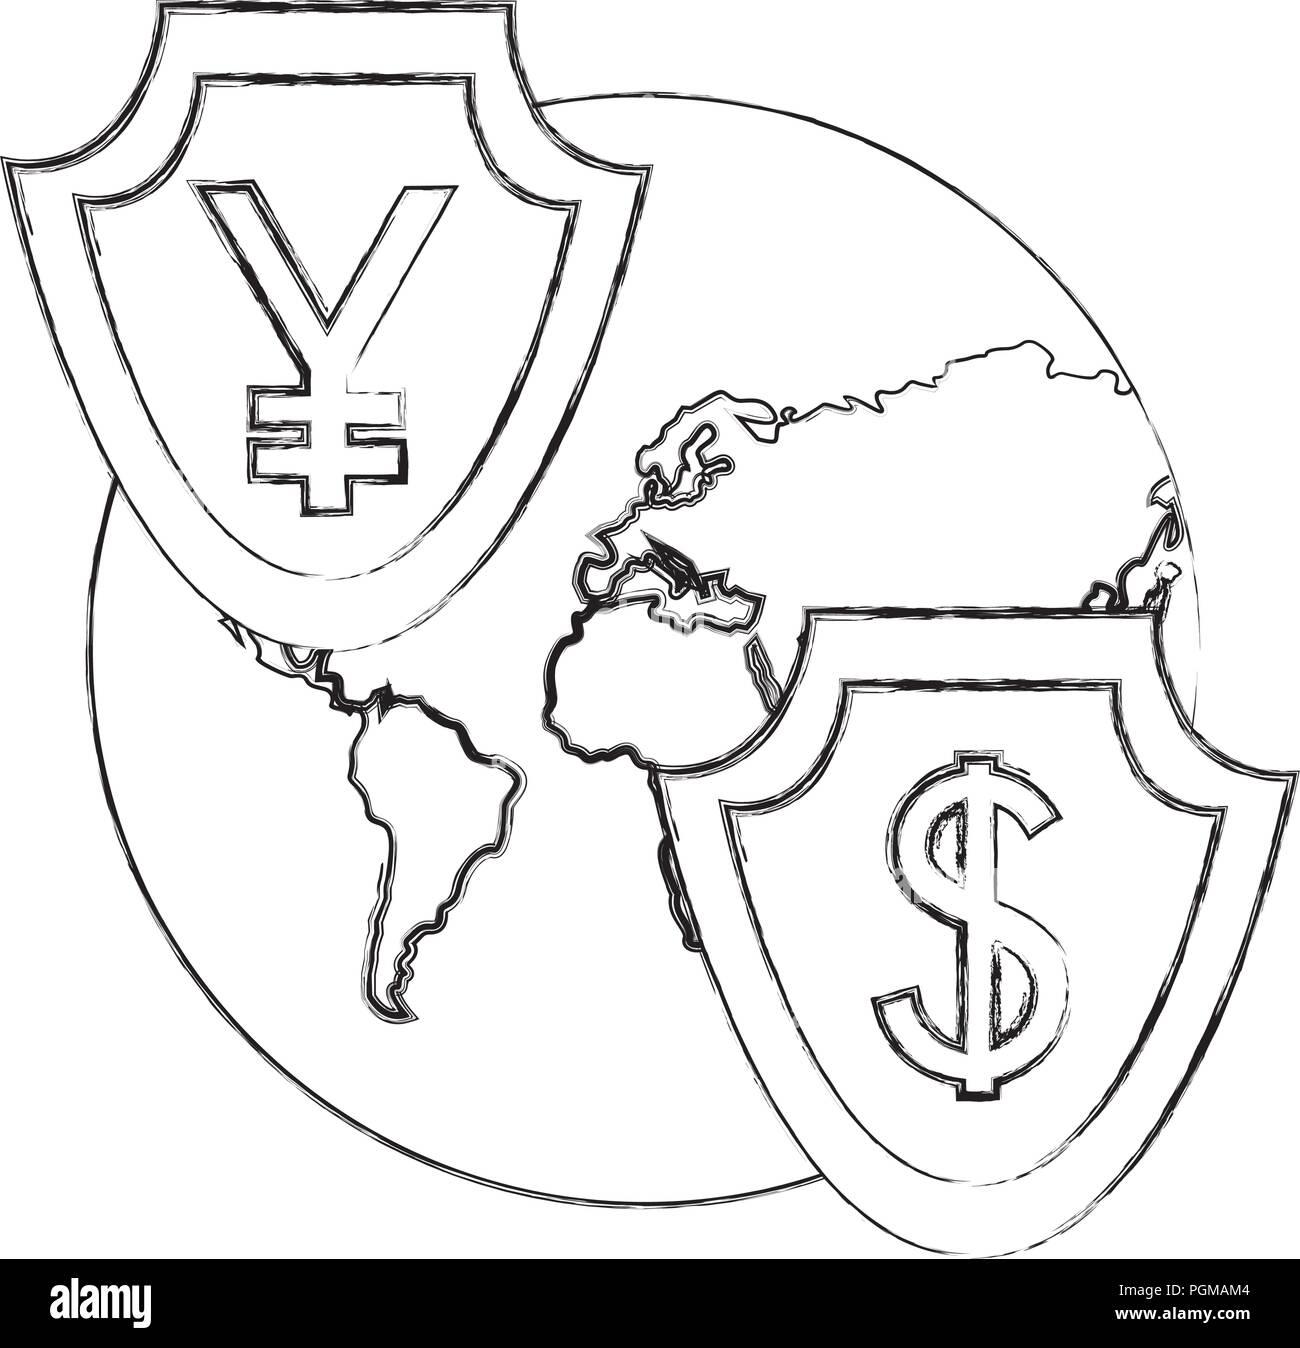 Japanese Yen Symbol Black And White Stock Photos Images Alamy